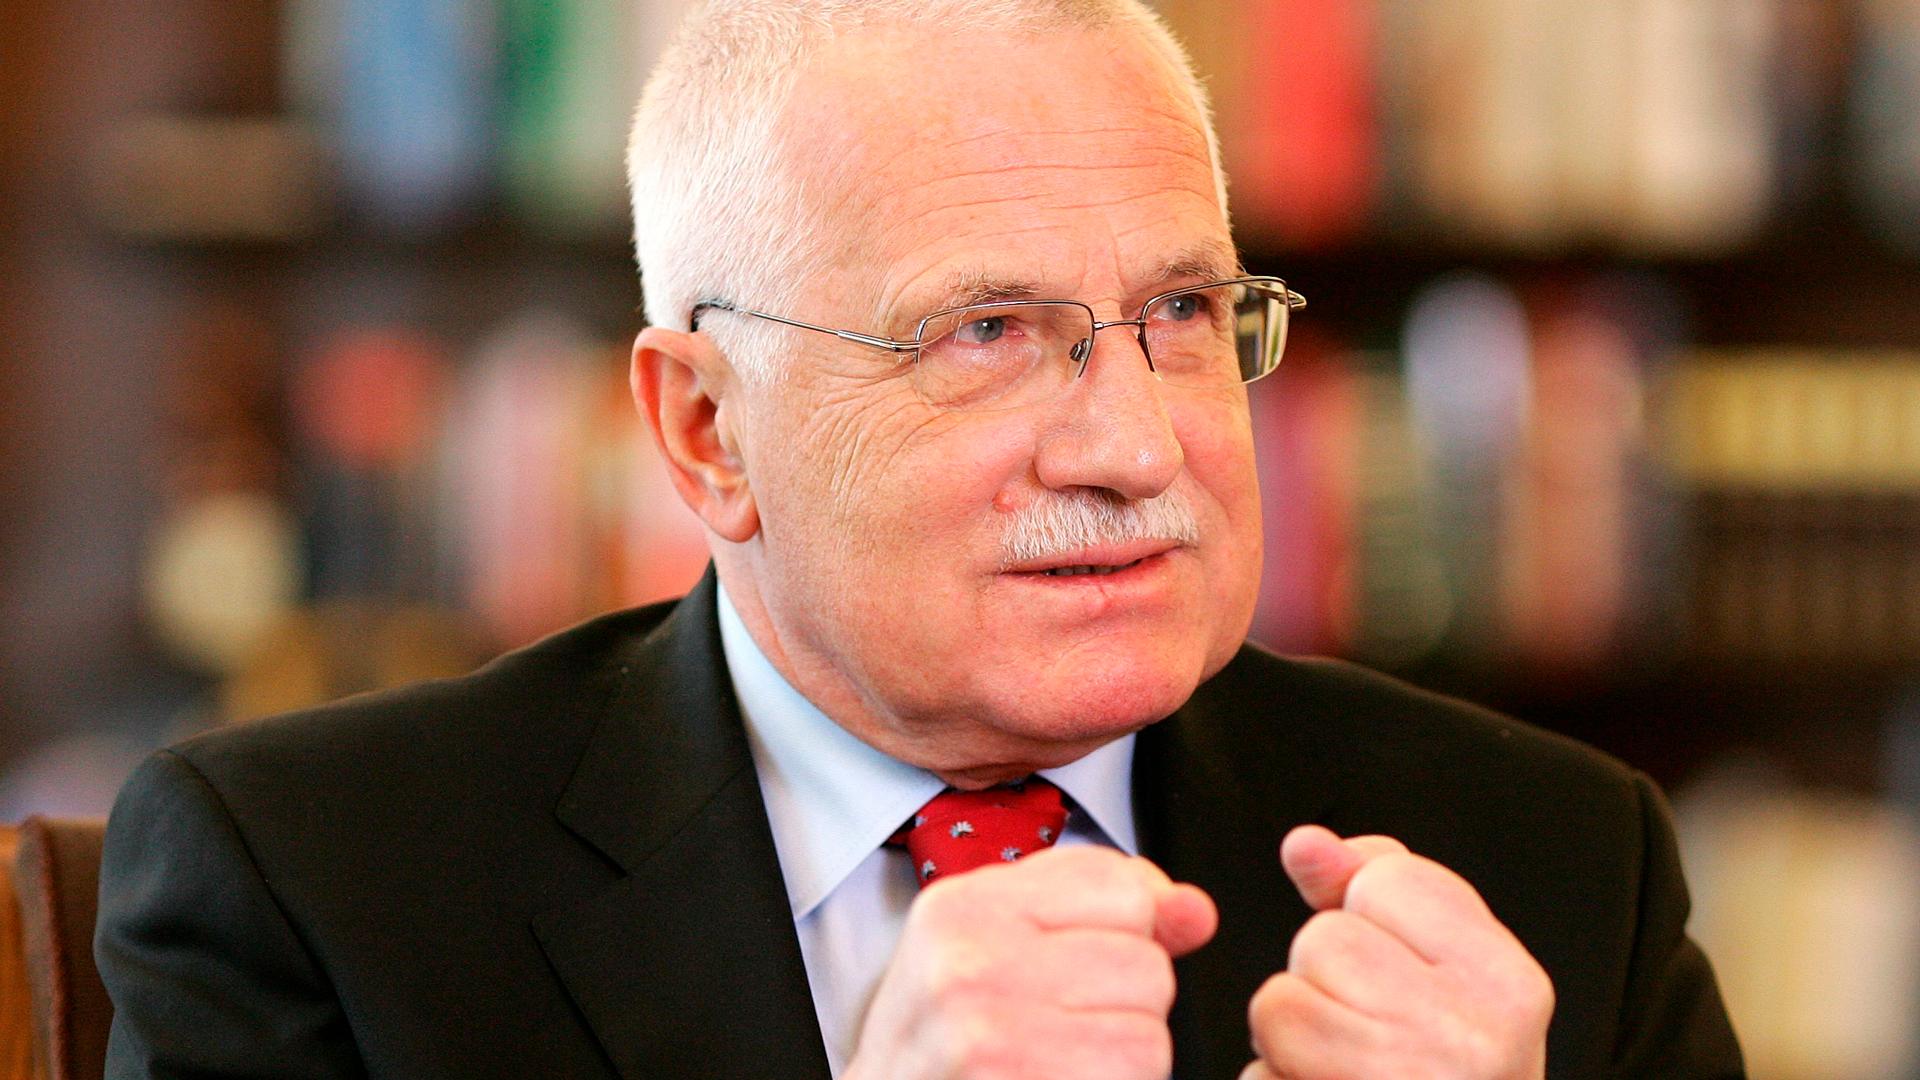 Стыдно, что лаем на одну из мировых держав: Экс-президент Чехии осудил действия Праги по отношению к России